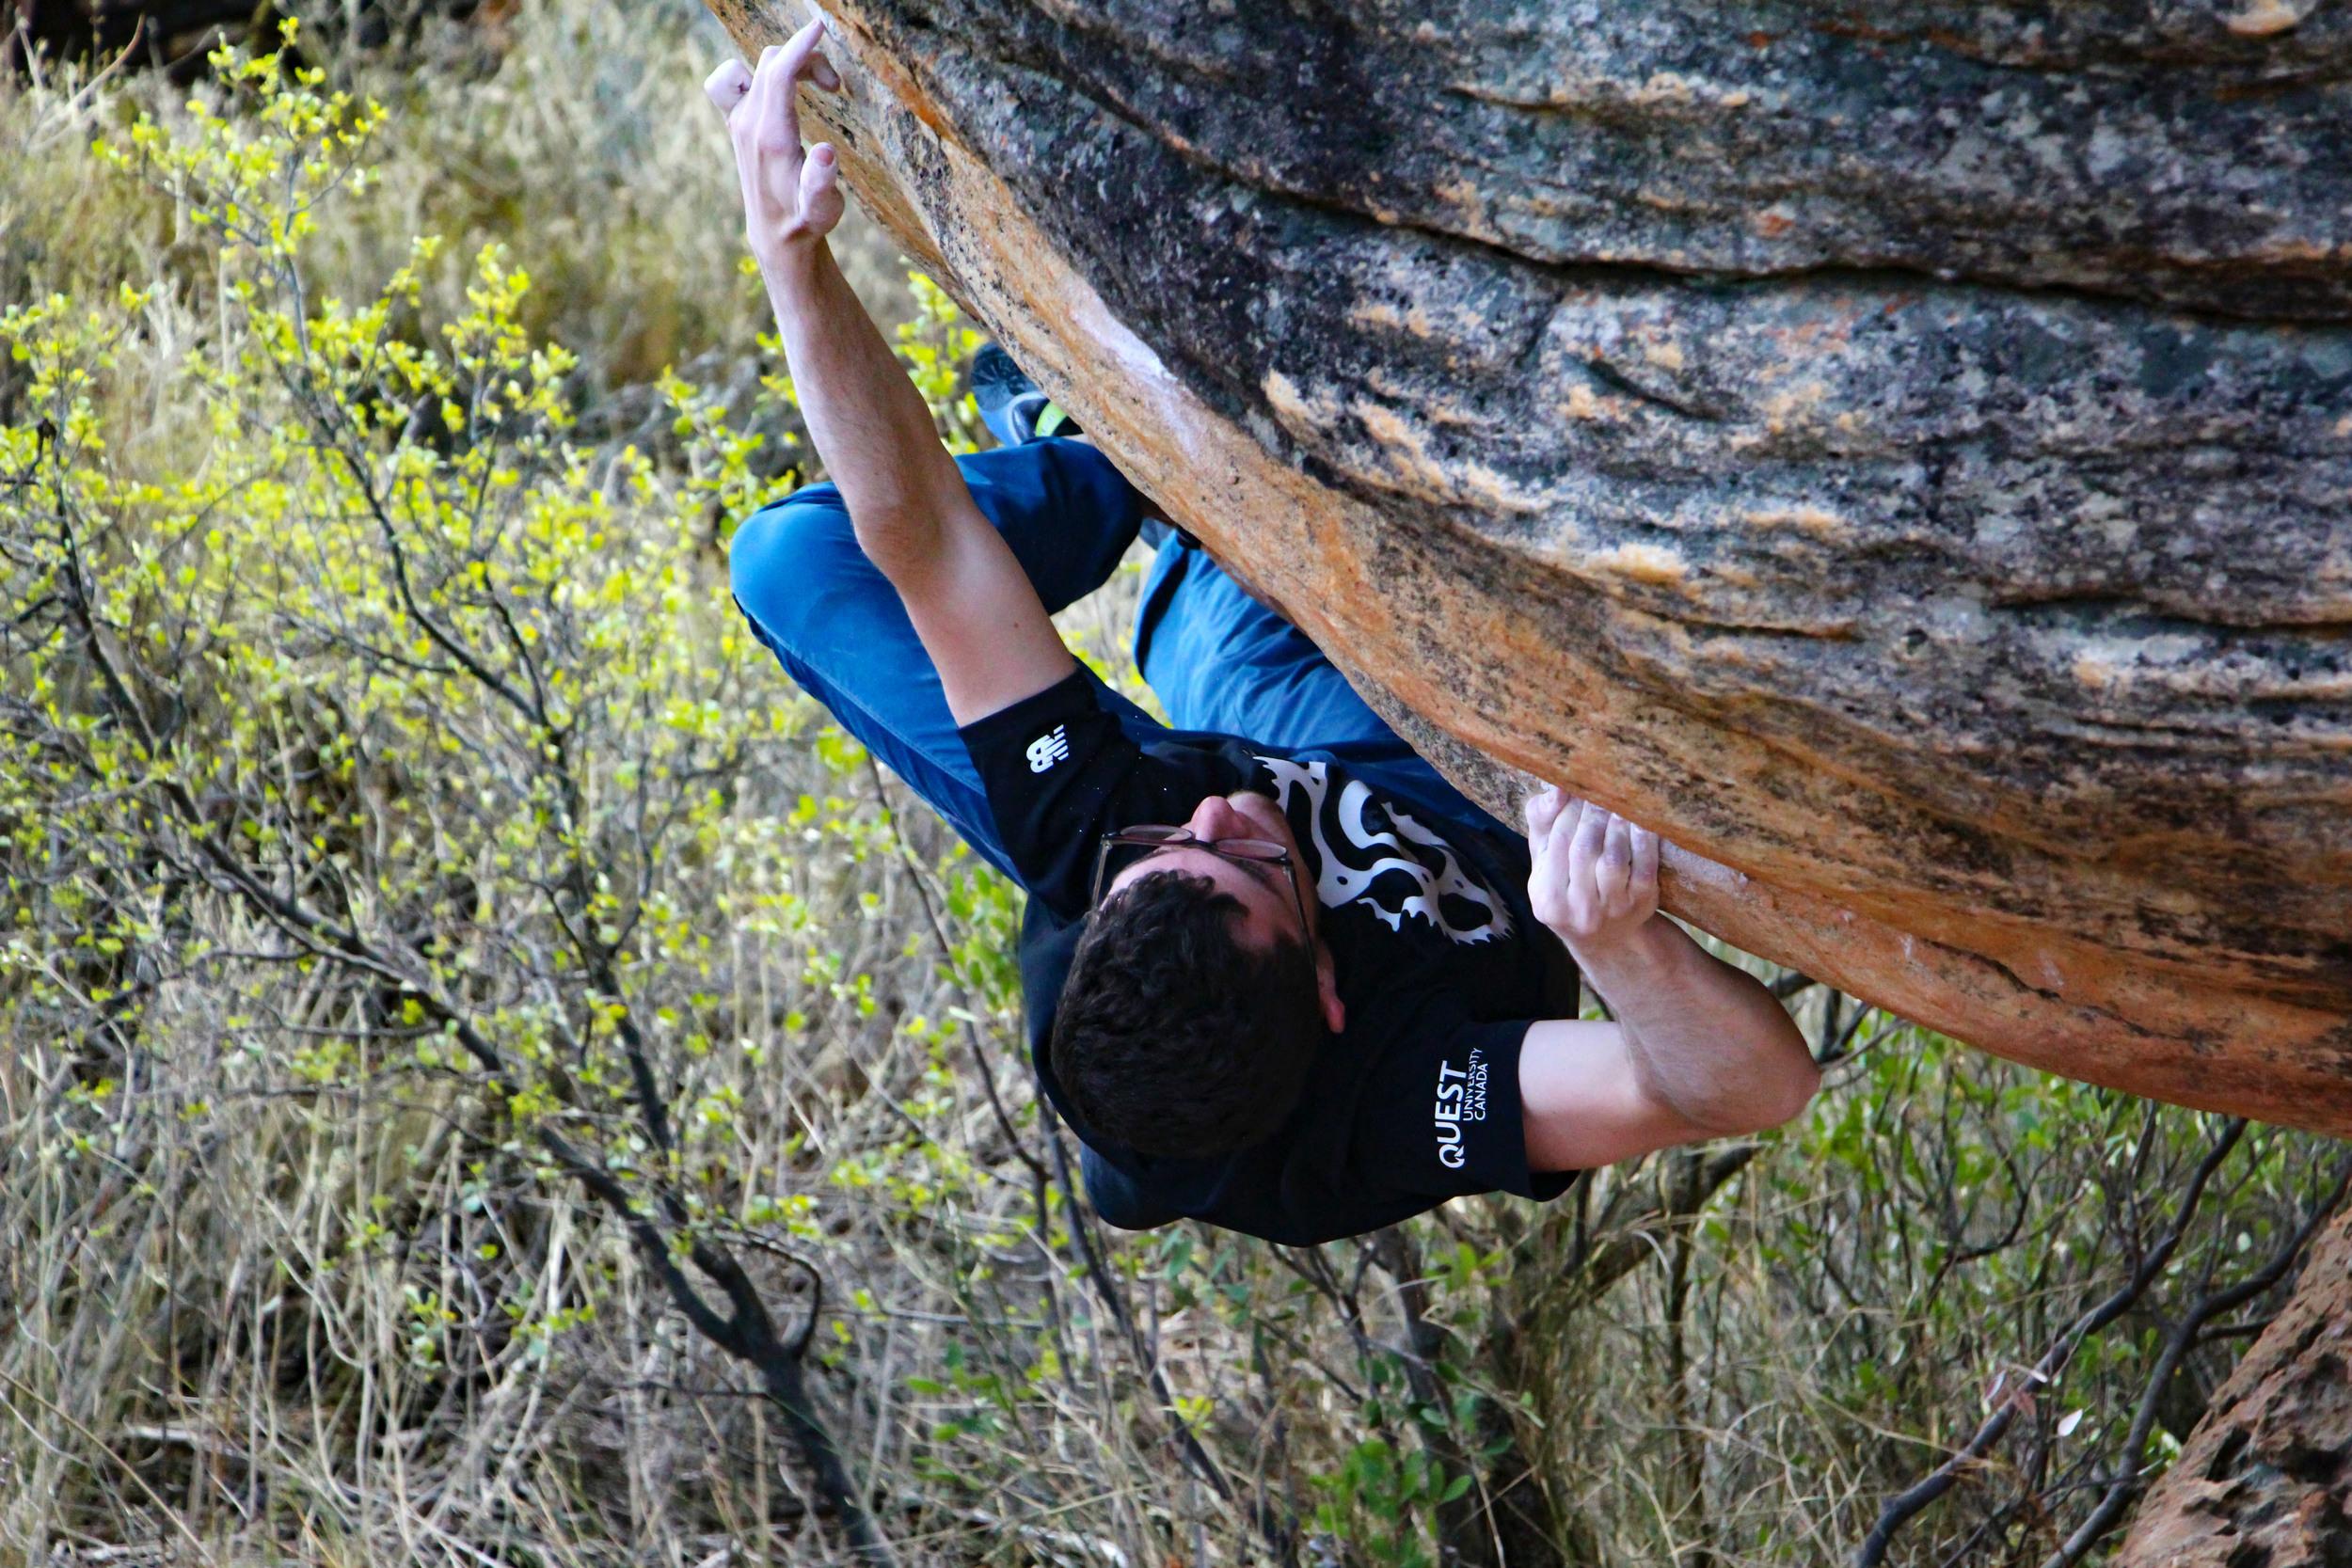 Climb: Weichei (V10)